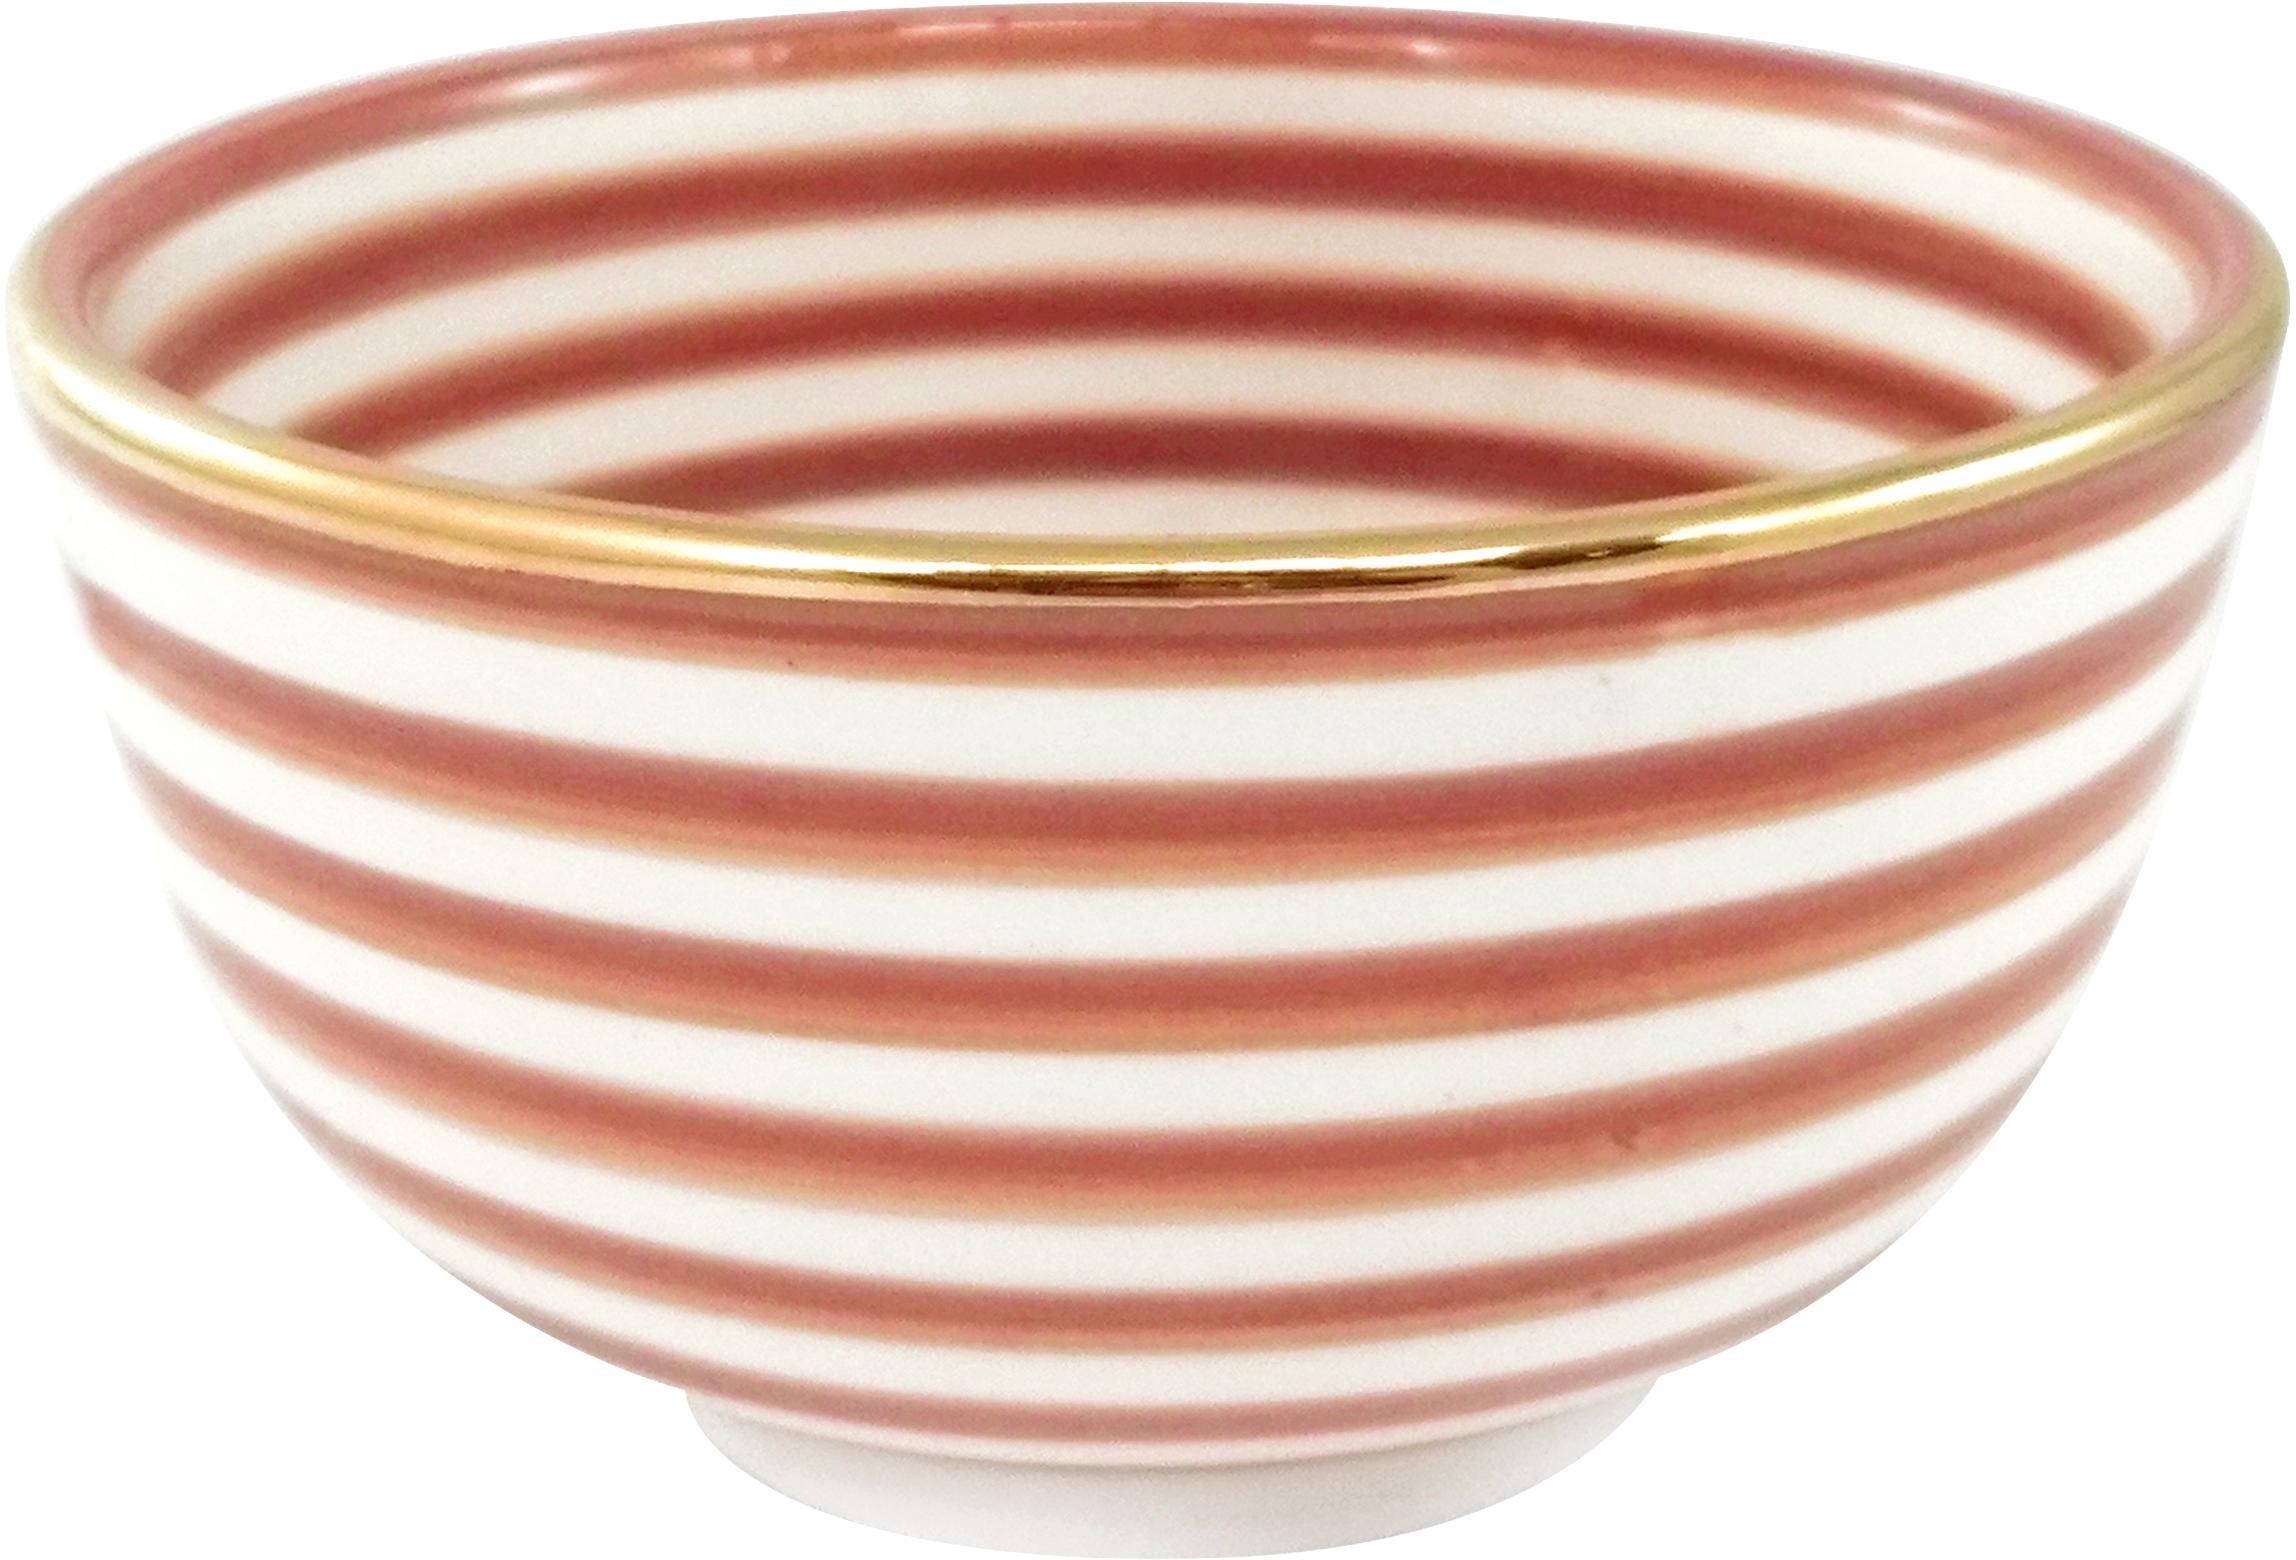 Handgemachte Salatschüssel Couleur mit Goldrand, Keramik, Orange, Cremefarben, Gold, Ø 25 x H 12 cm